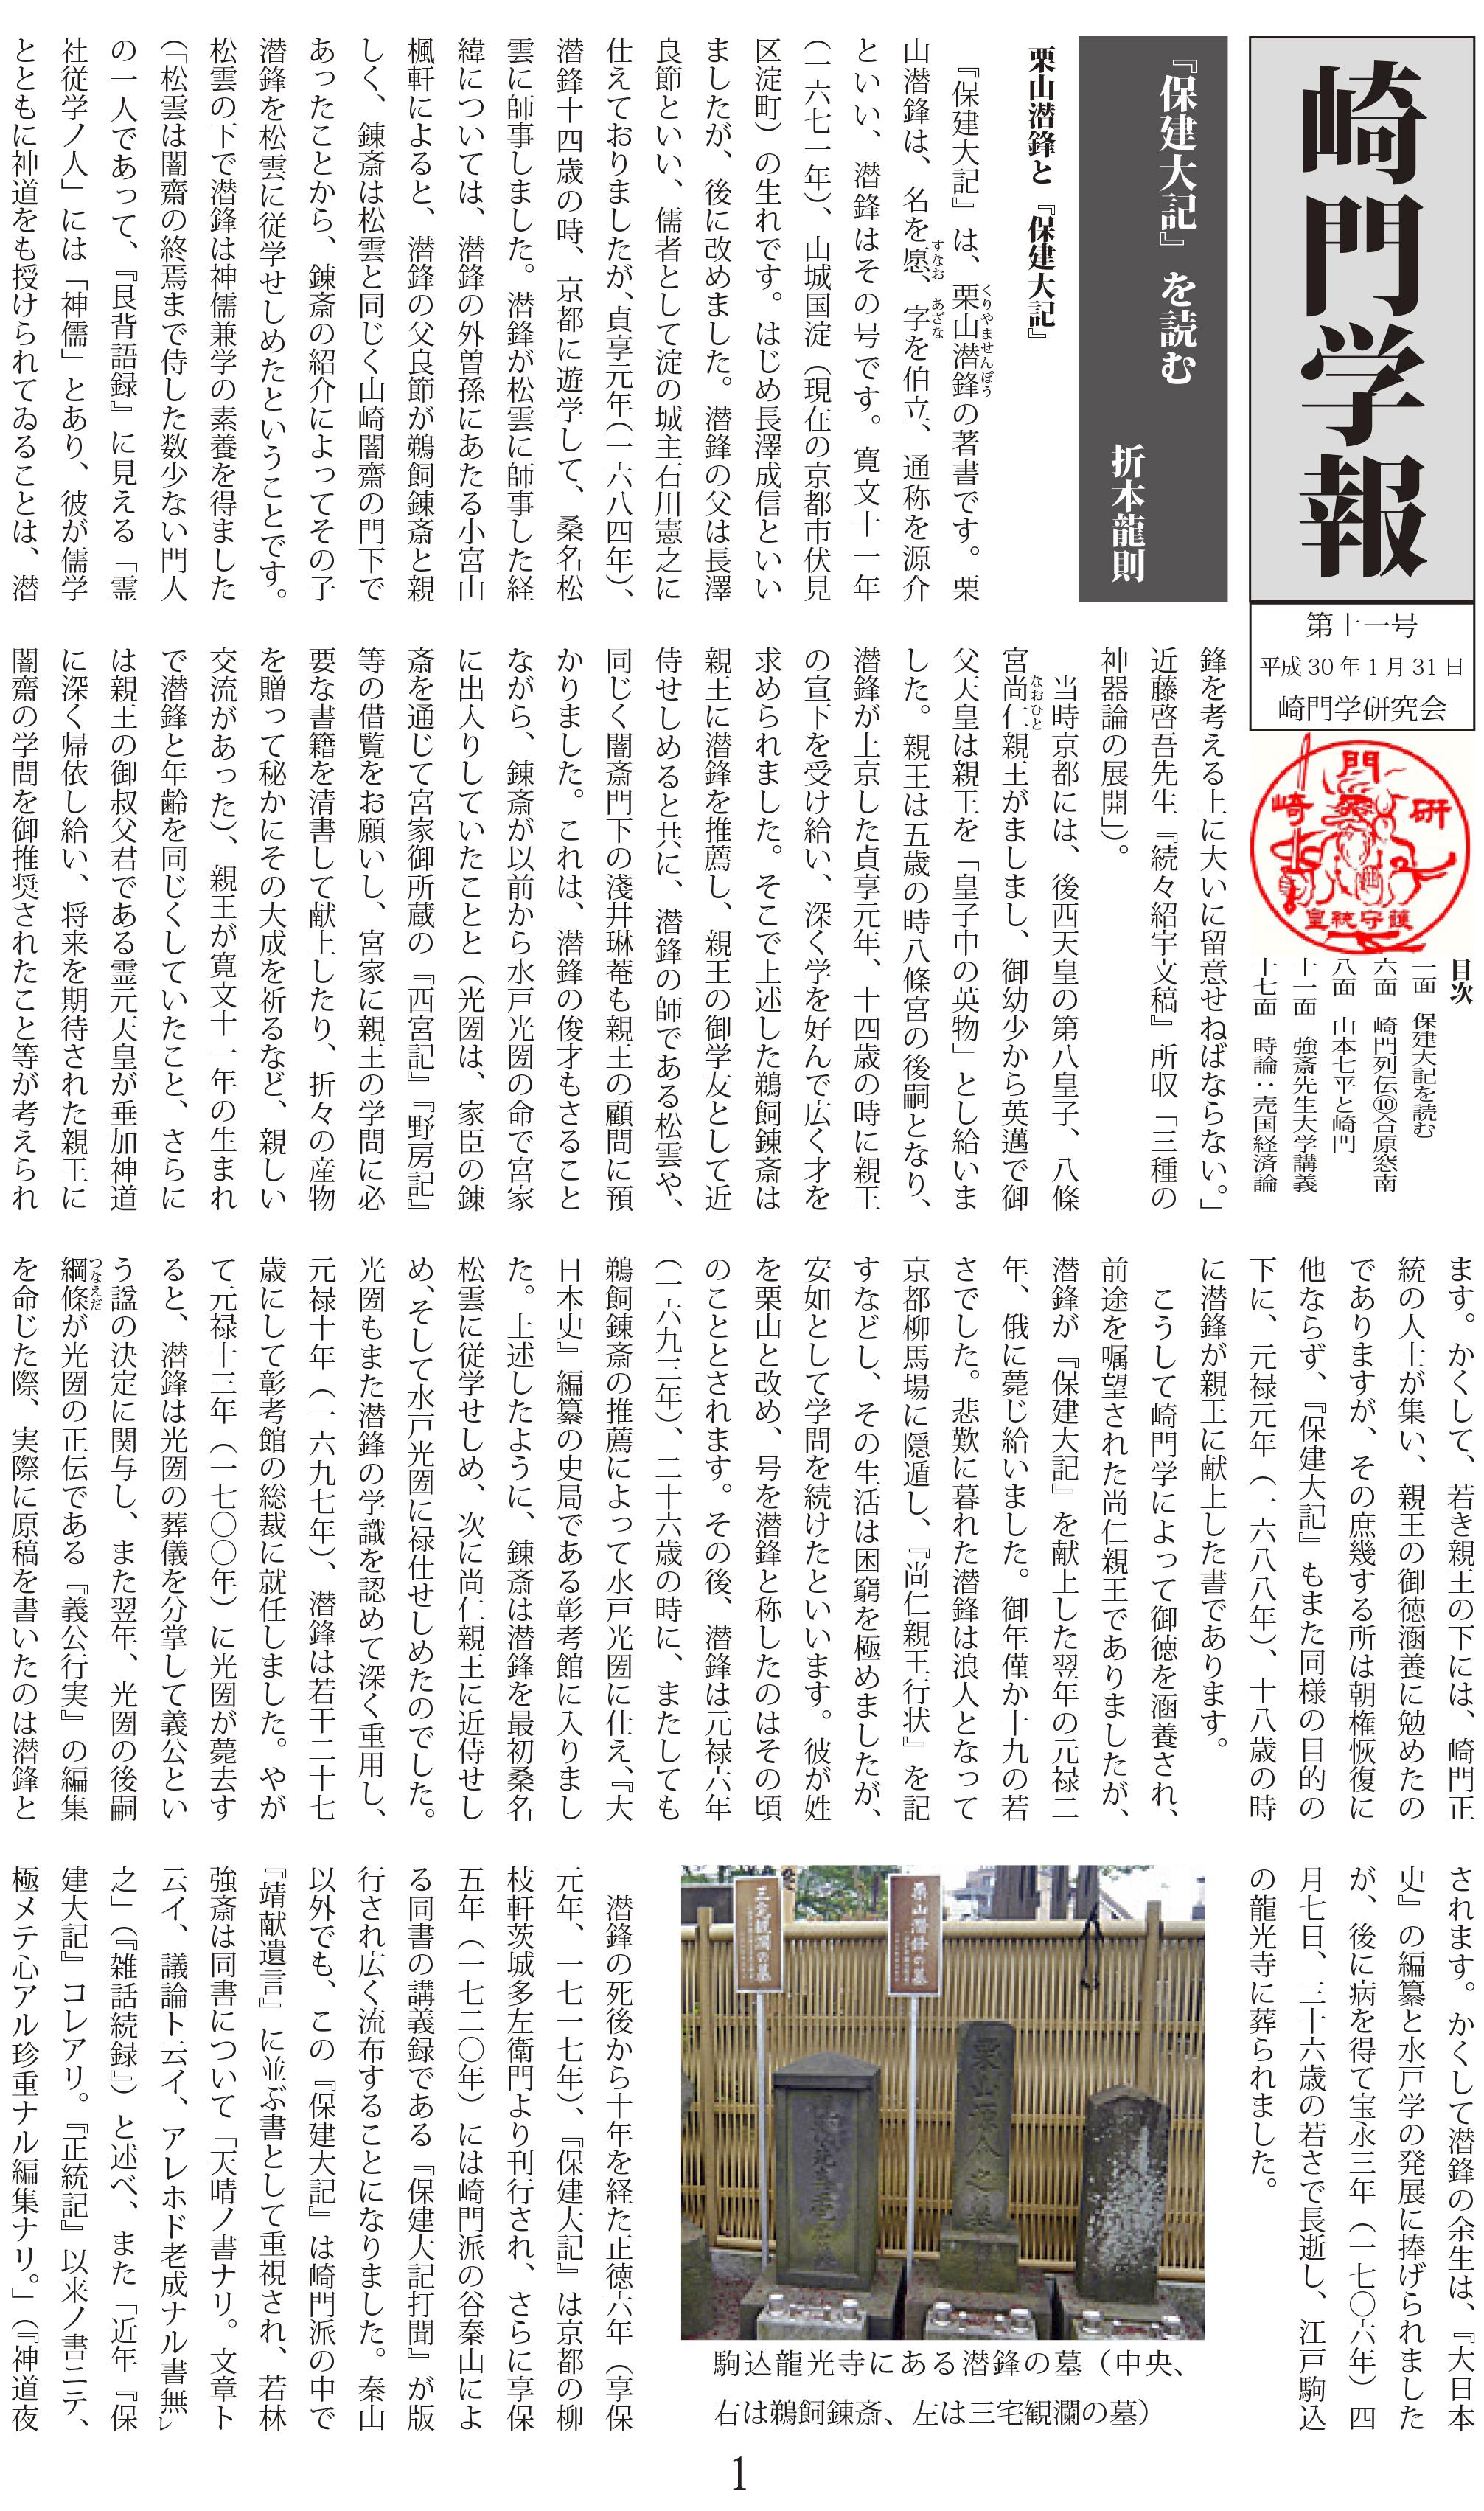 『崎門学報』第11号・ダウンロード販売